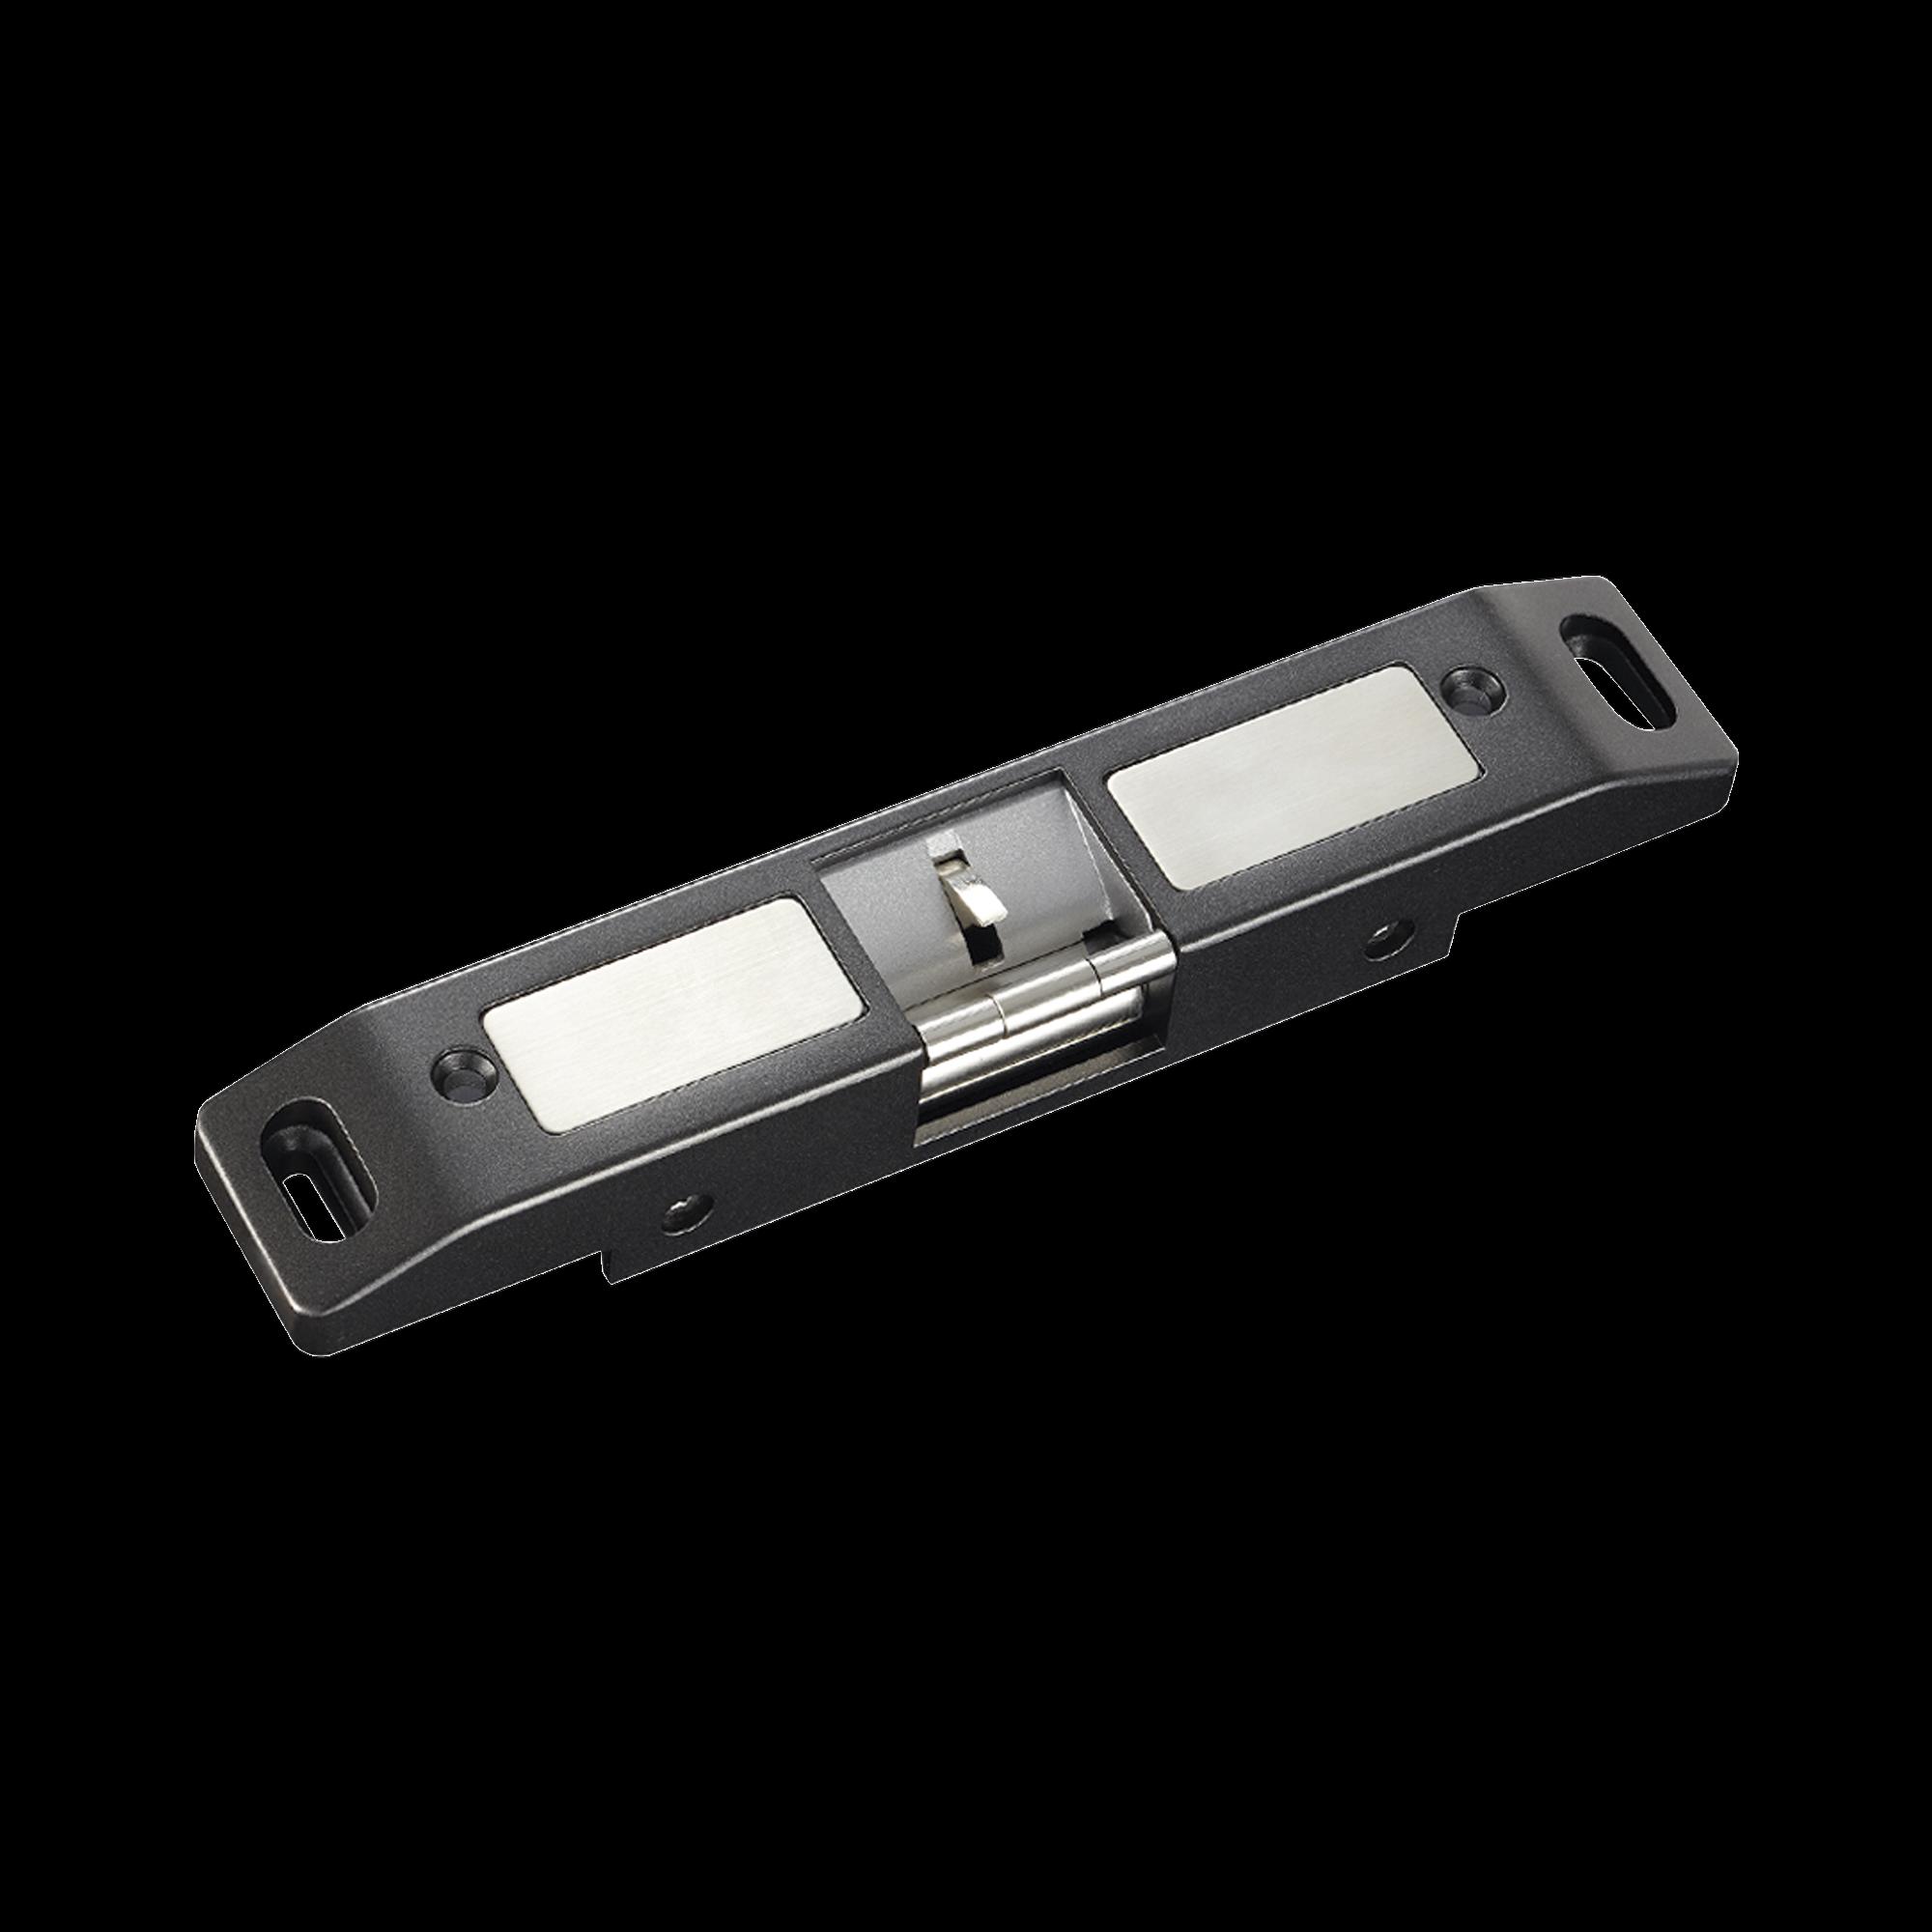 Contrachapa Electrica Cerrada o Abierta en Caso de Falla ( Fail Secure)/ Uso en puertas de emergencia con barra de salida.